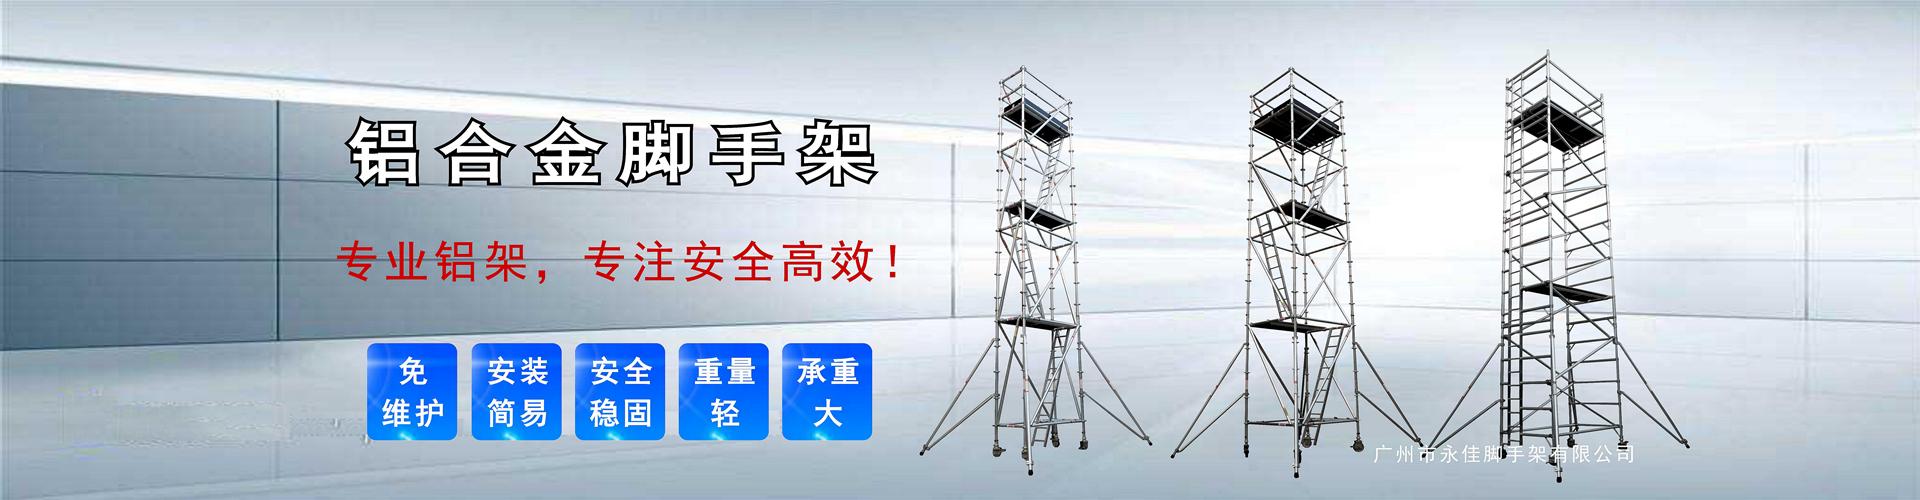 广州市健生音响设备有限公司